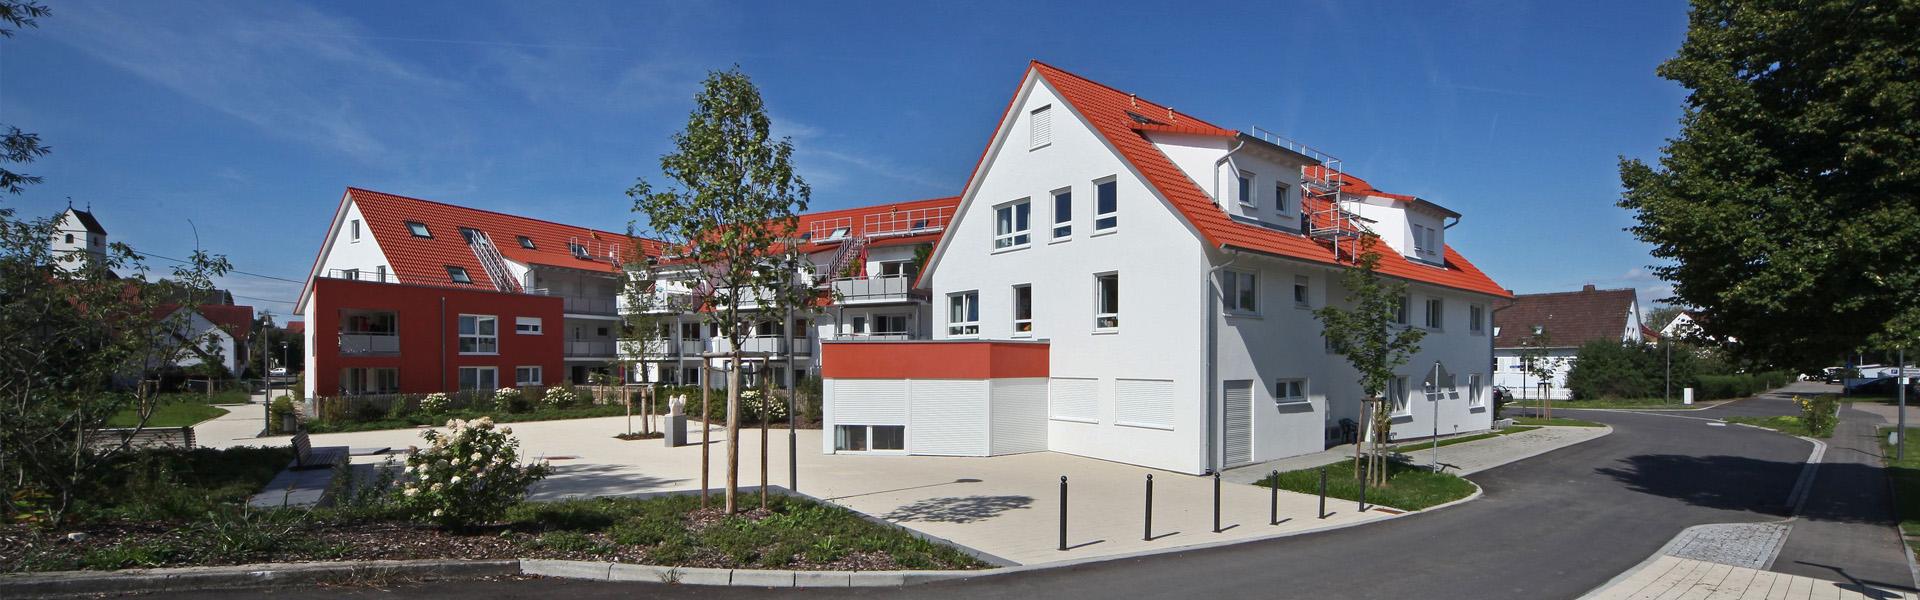 Rottenburg-Kiebingen | Markus Mahle